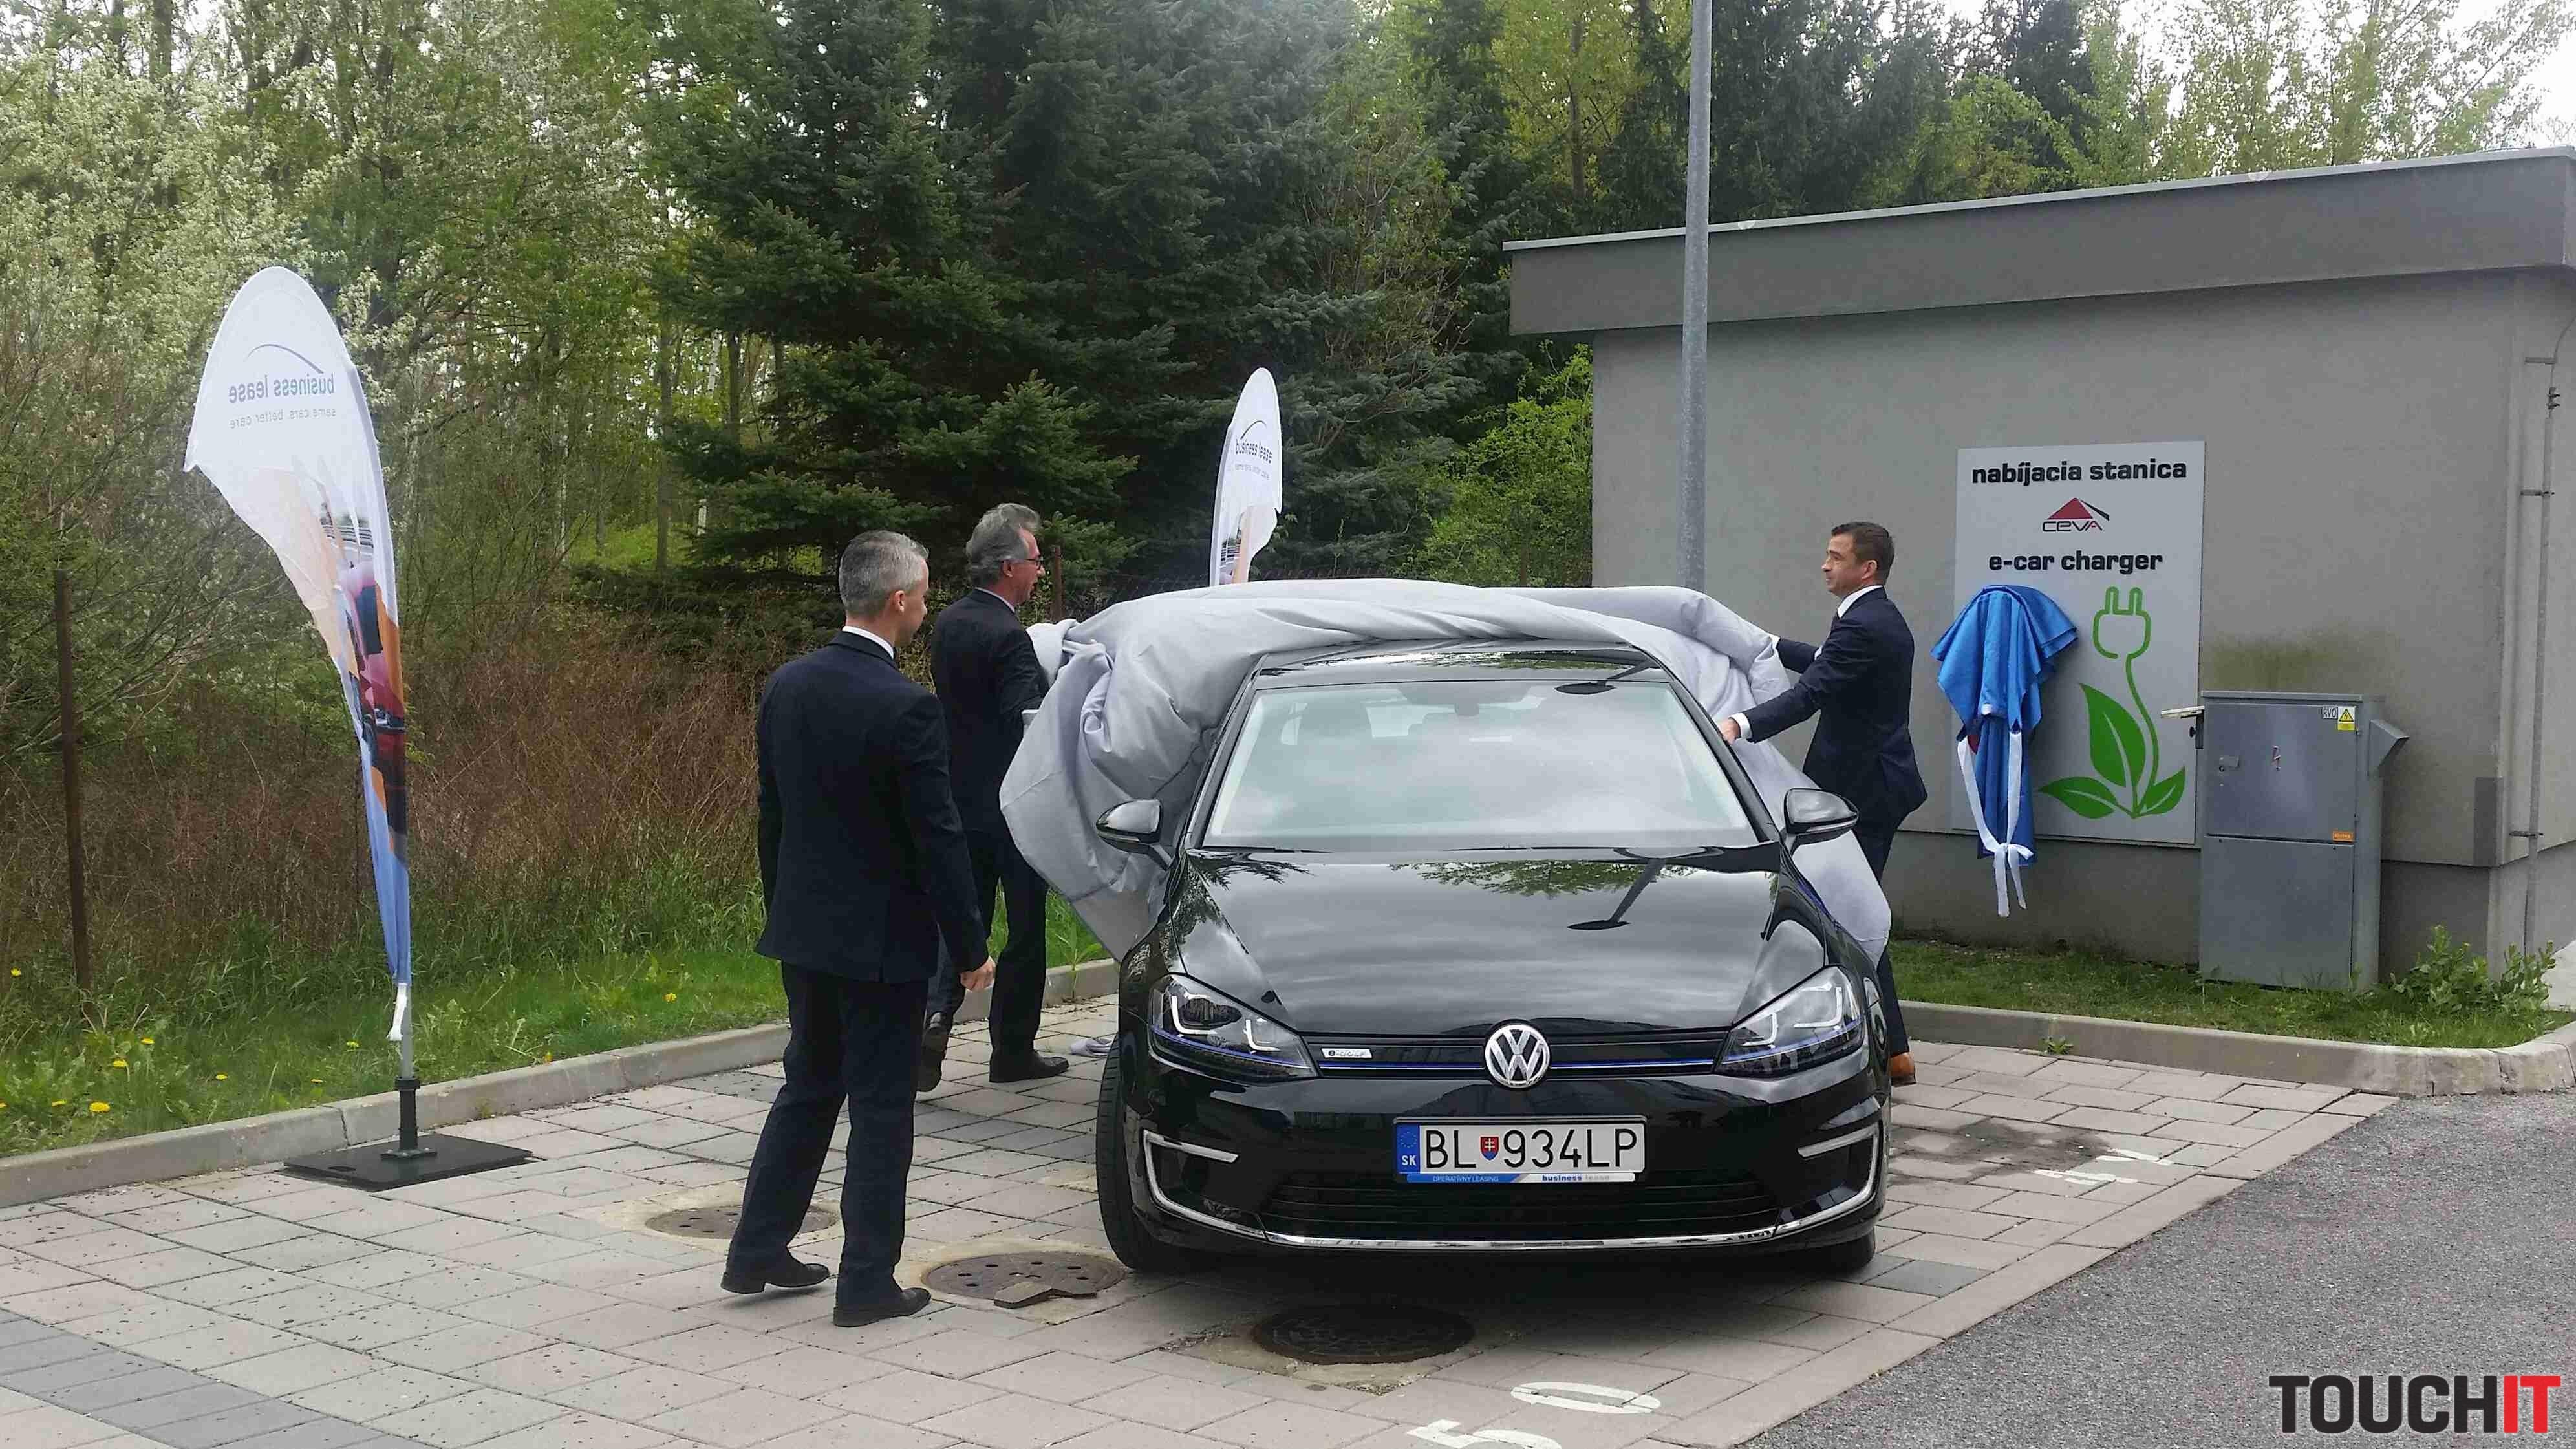 oficiálne odhalenie nového elektromobilu VW e-Golf